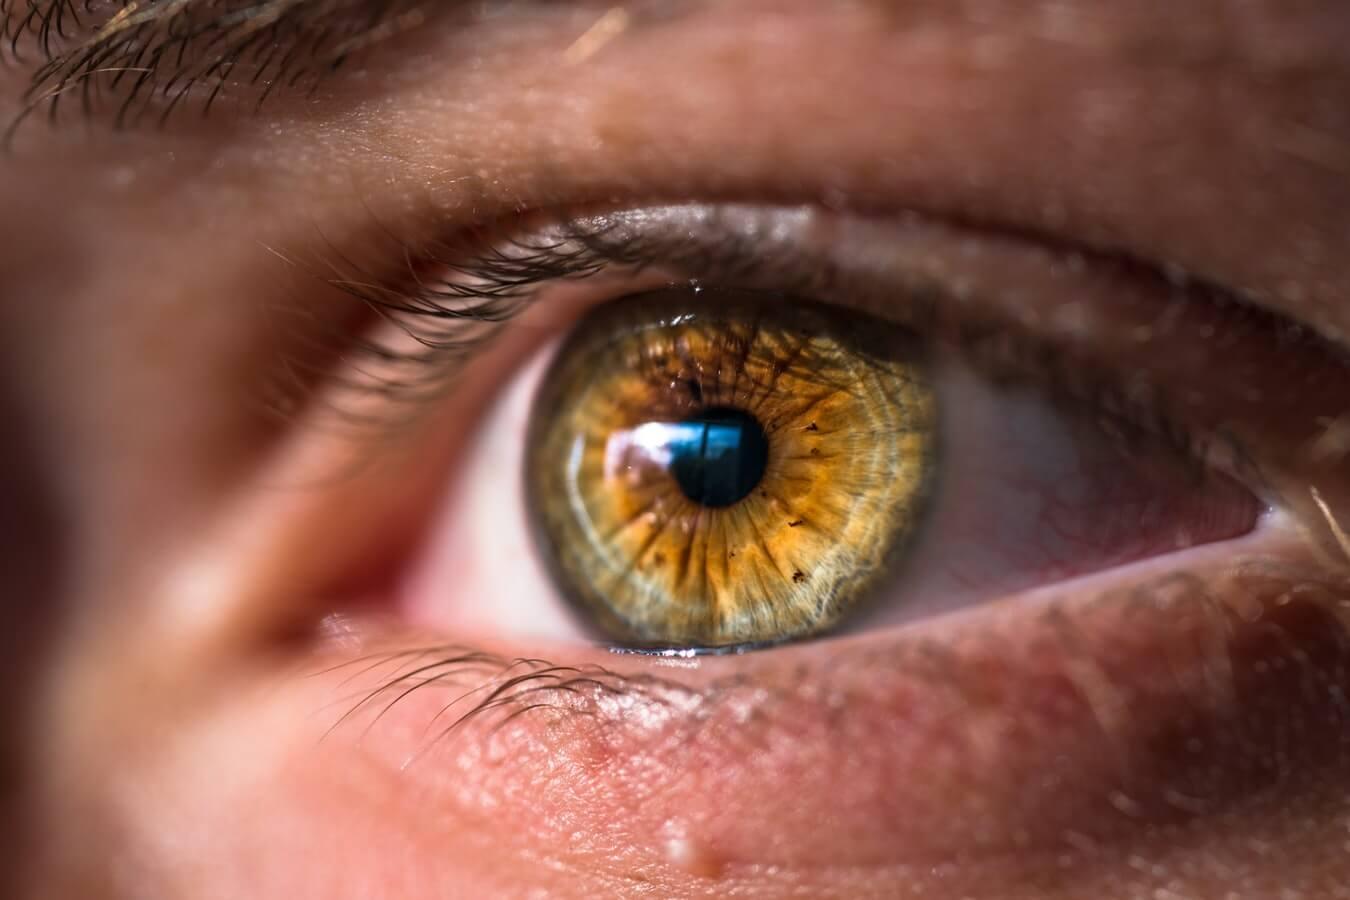 Sztuczne oko zastąpi w przyszłości ludzki wzrok?